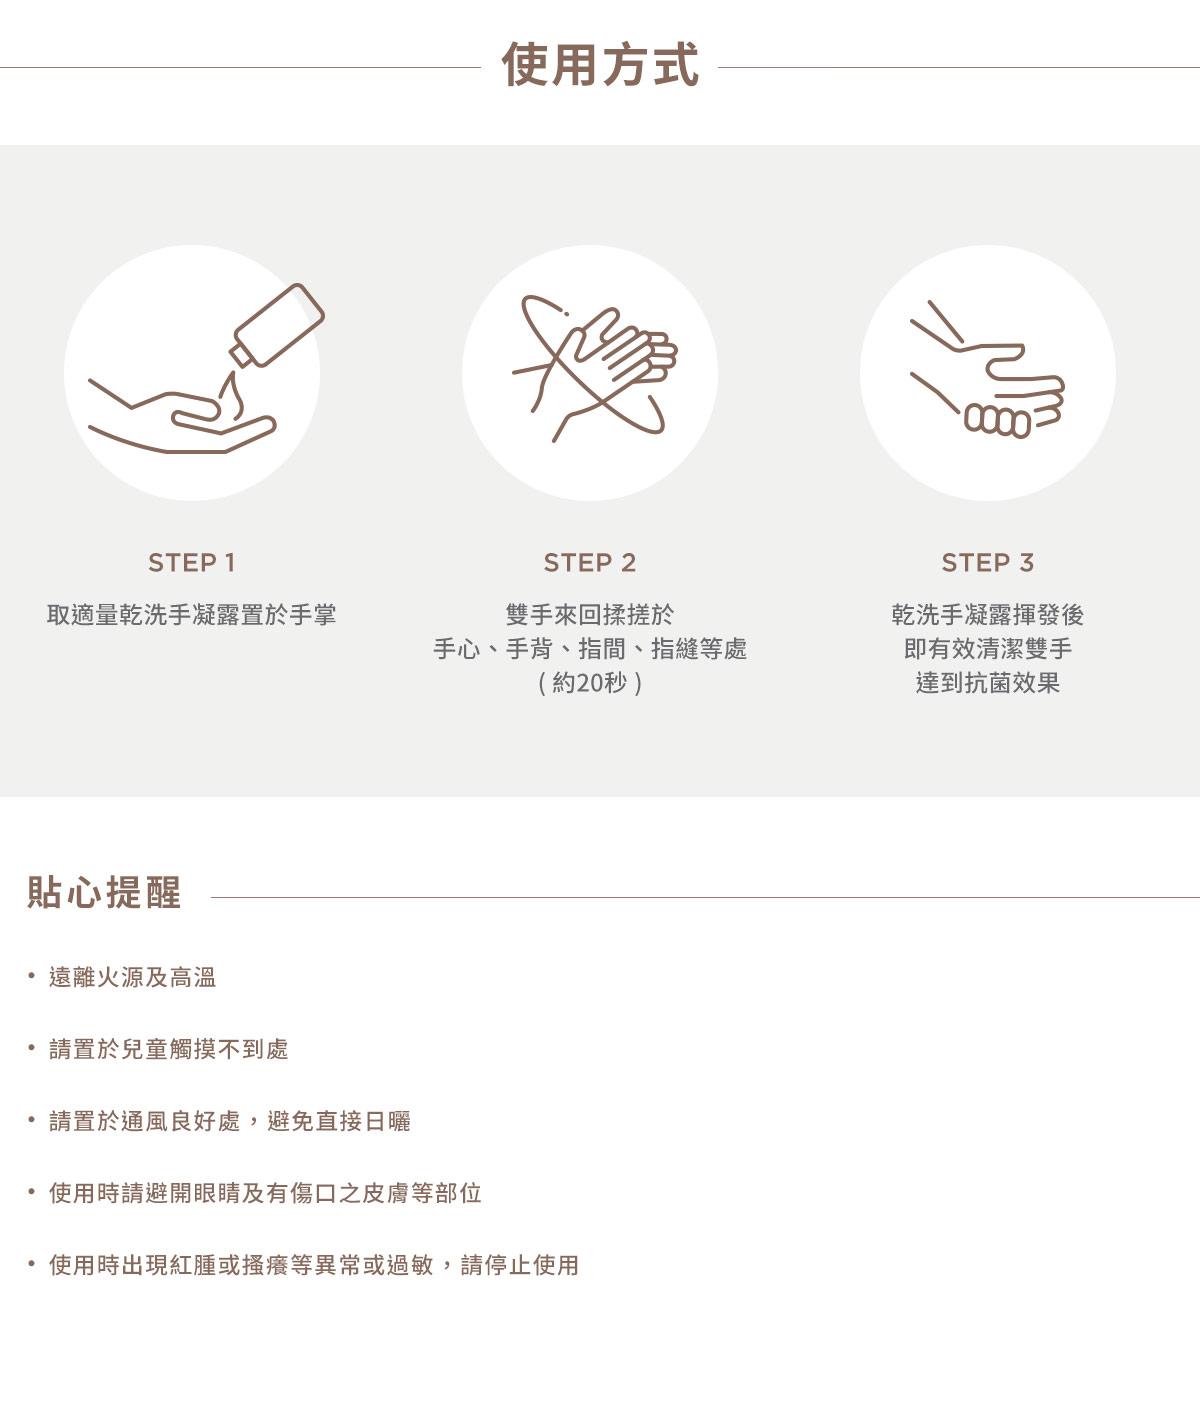 乾洗手,乾洗手凝露,抗菌乾洗手,抗菌乾洗手凝露, Oh My Orange 抗菌乾洗手凝露,使用方式,STEP1,取適量乾洗手凝露置於手掌,STEP2,雙手來回揉搓於手心,手背,指間,指縫等處(約20秒),STEP3,乾洗手凝露揮發後即有效清潔雙手達到抗菌效果,貼心提醒,遠離火源及高溫,請置於兒童觸摸不到處,請置於通風良好處,避免直接日曬,使用時請避開眼睛及有傷口之皮膚等部位,使用時出現紅腫或搔癢等異常或過敏,請停止使用